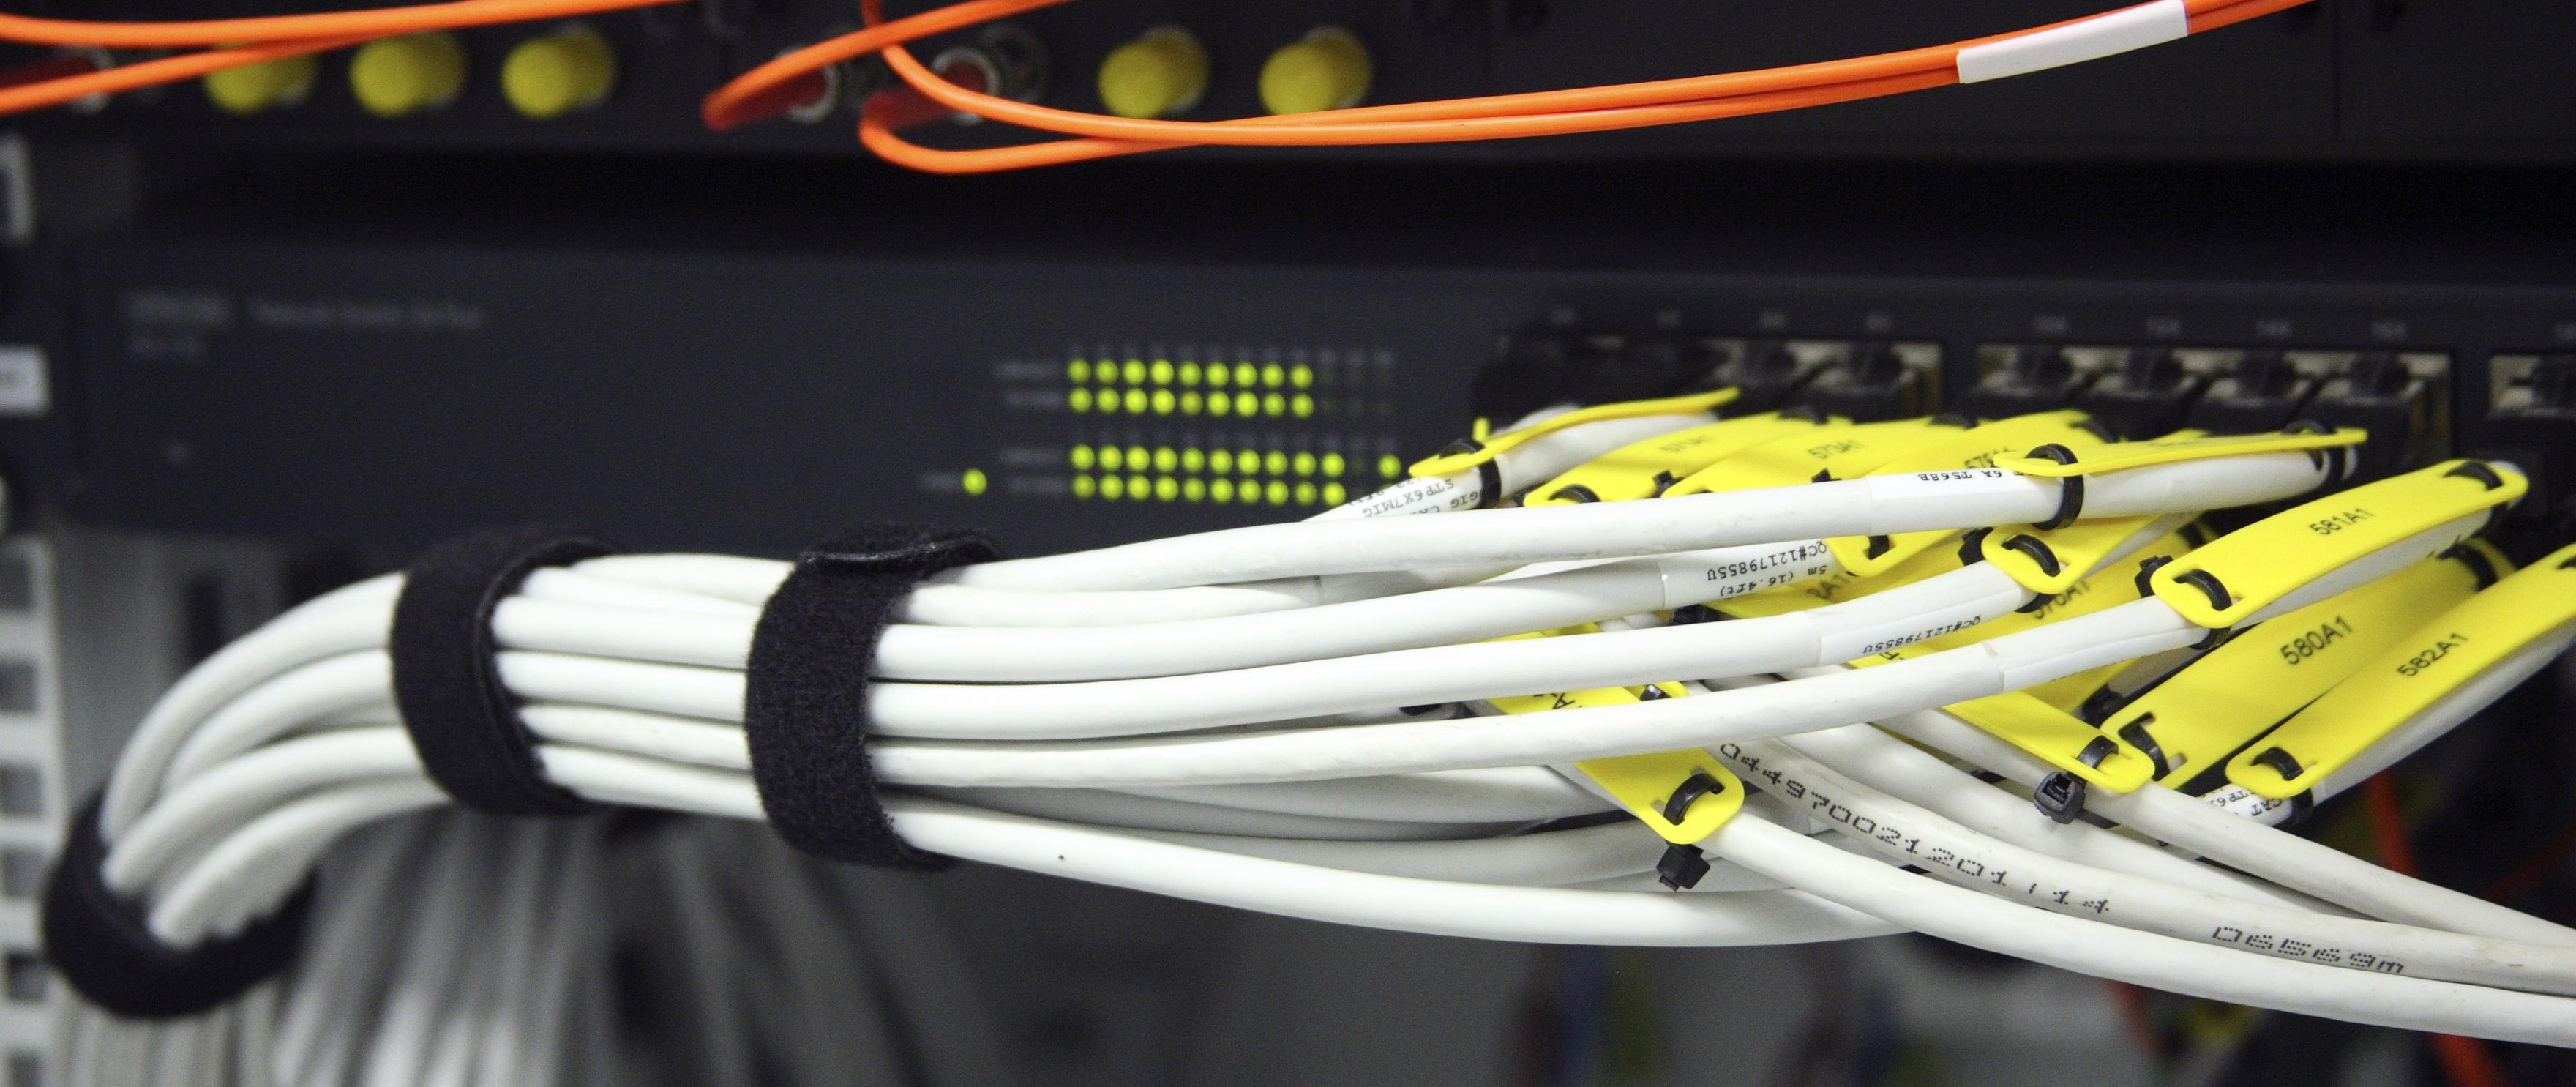 Telefonie en datanetwerken